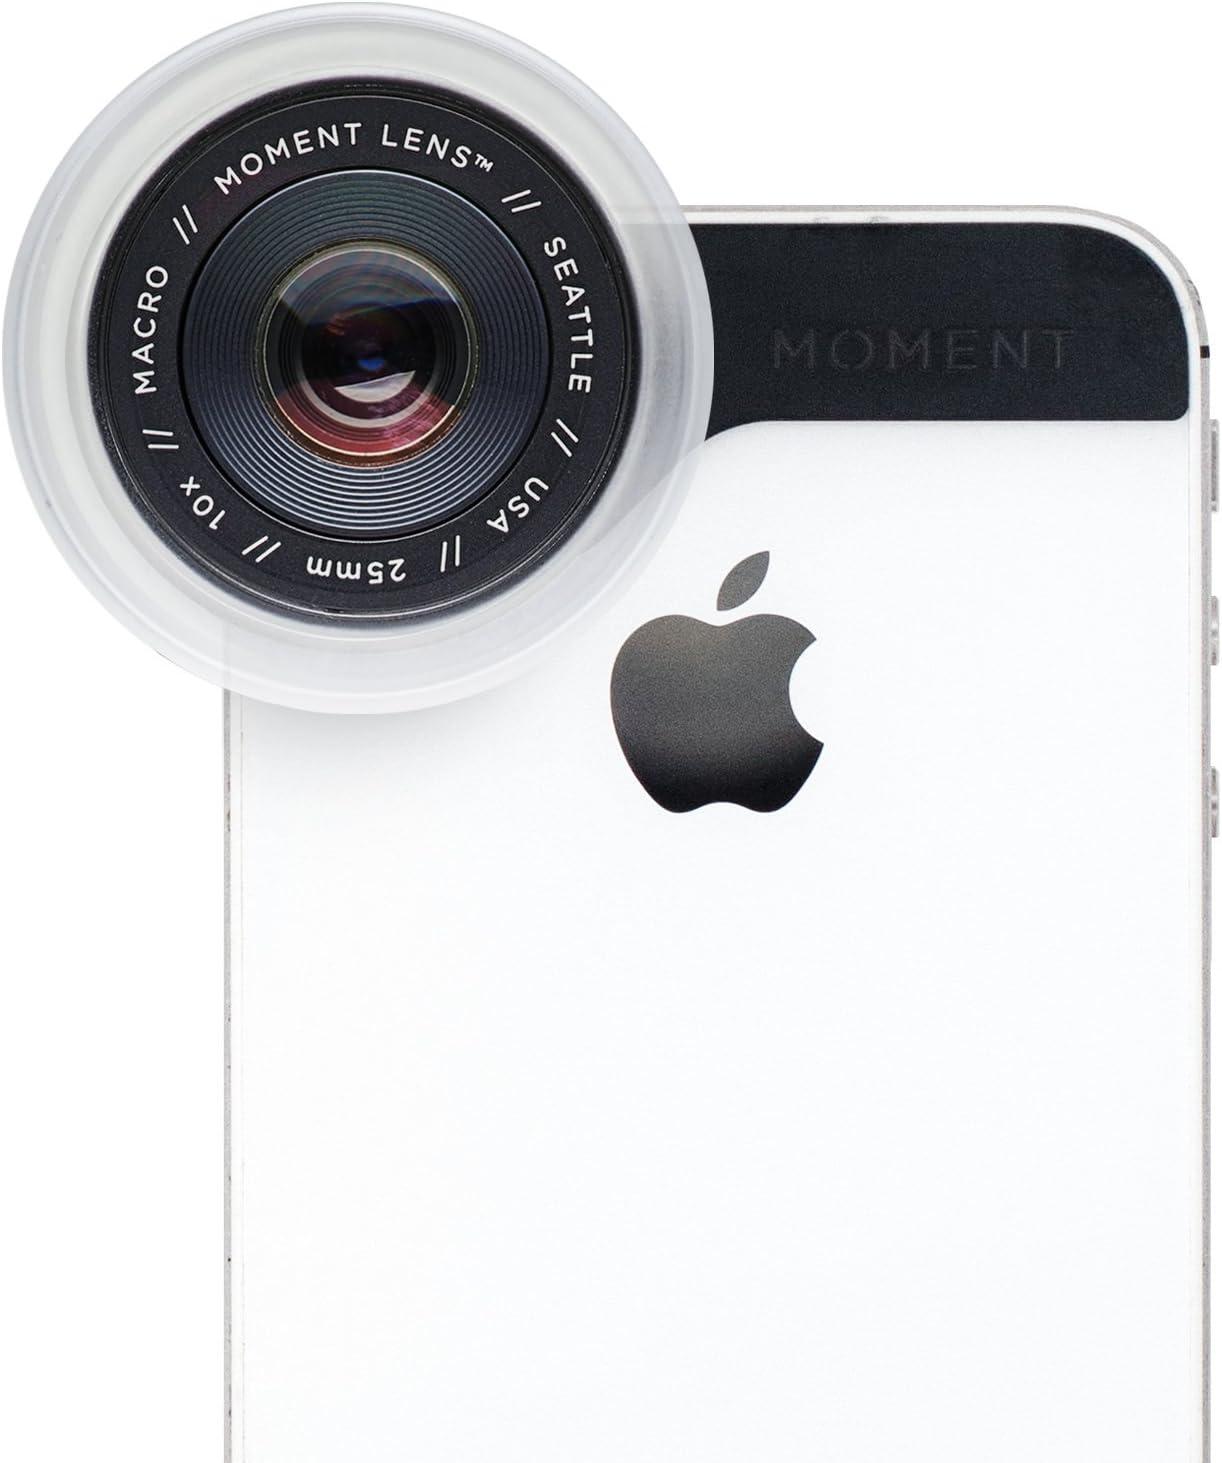 Momento Macro Lente – Lente Macro iPhone Smartphone – 10 x Macro Lente Kit – Multi Element, 10 x aumentos y 25 mm Longitud Focal Momento Macro Lente: Amazon.es: Electrónica